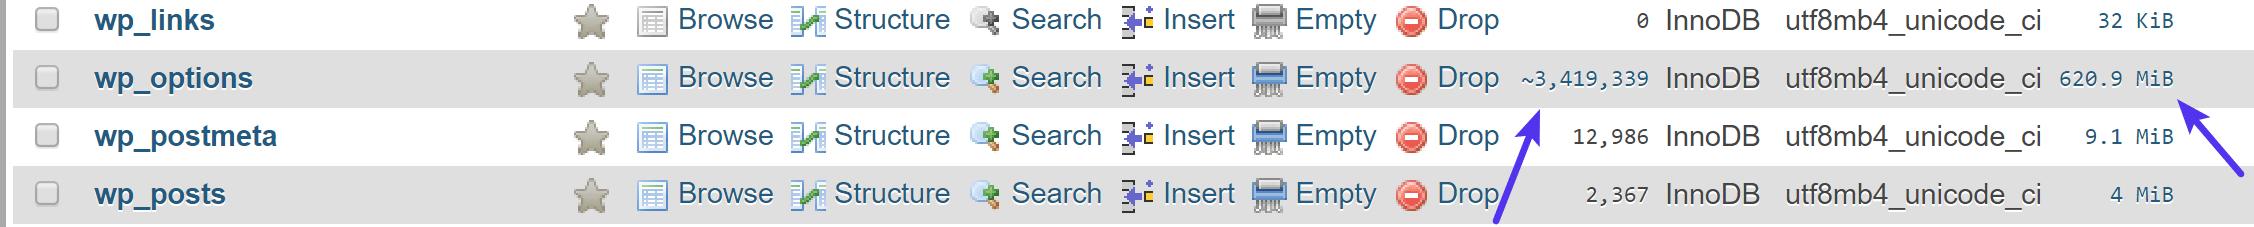 tabela wp_options com milhões de linhas